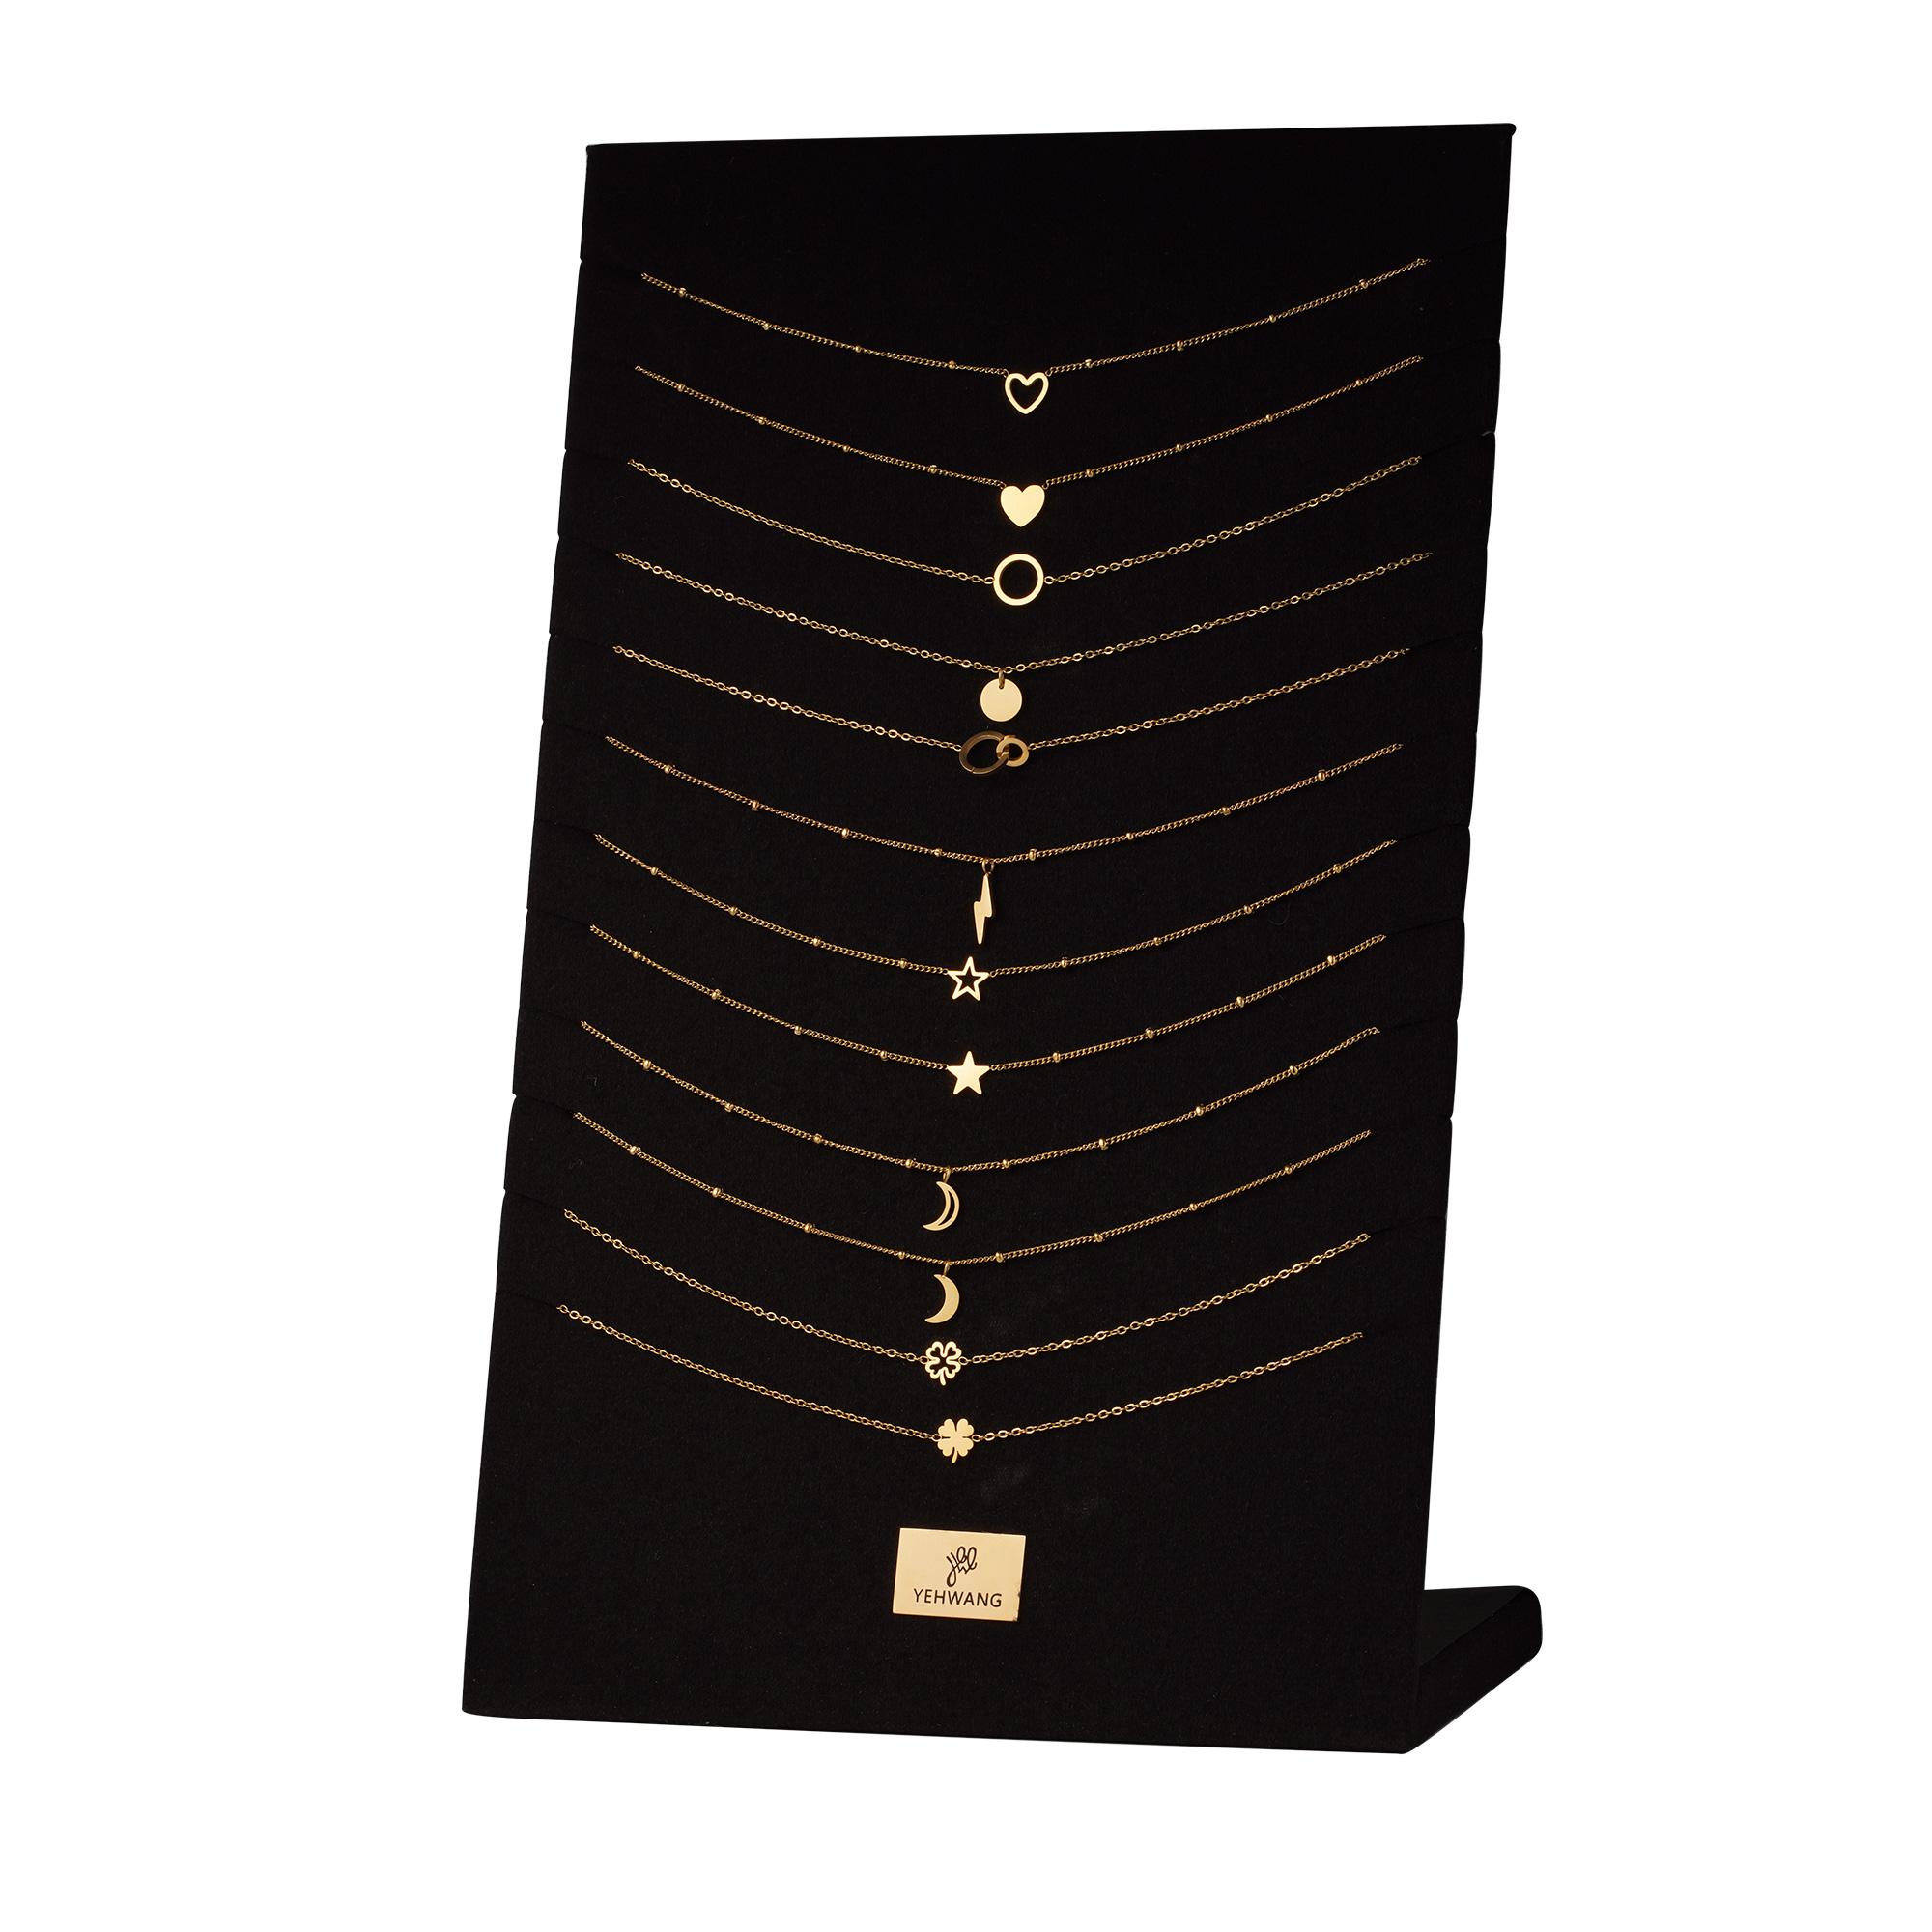 Expositor con 12 collares de acero inoxidable